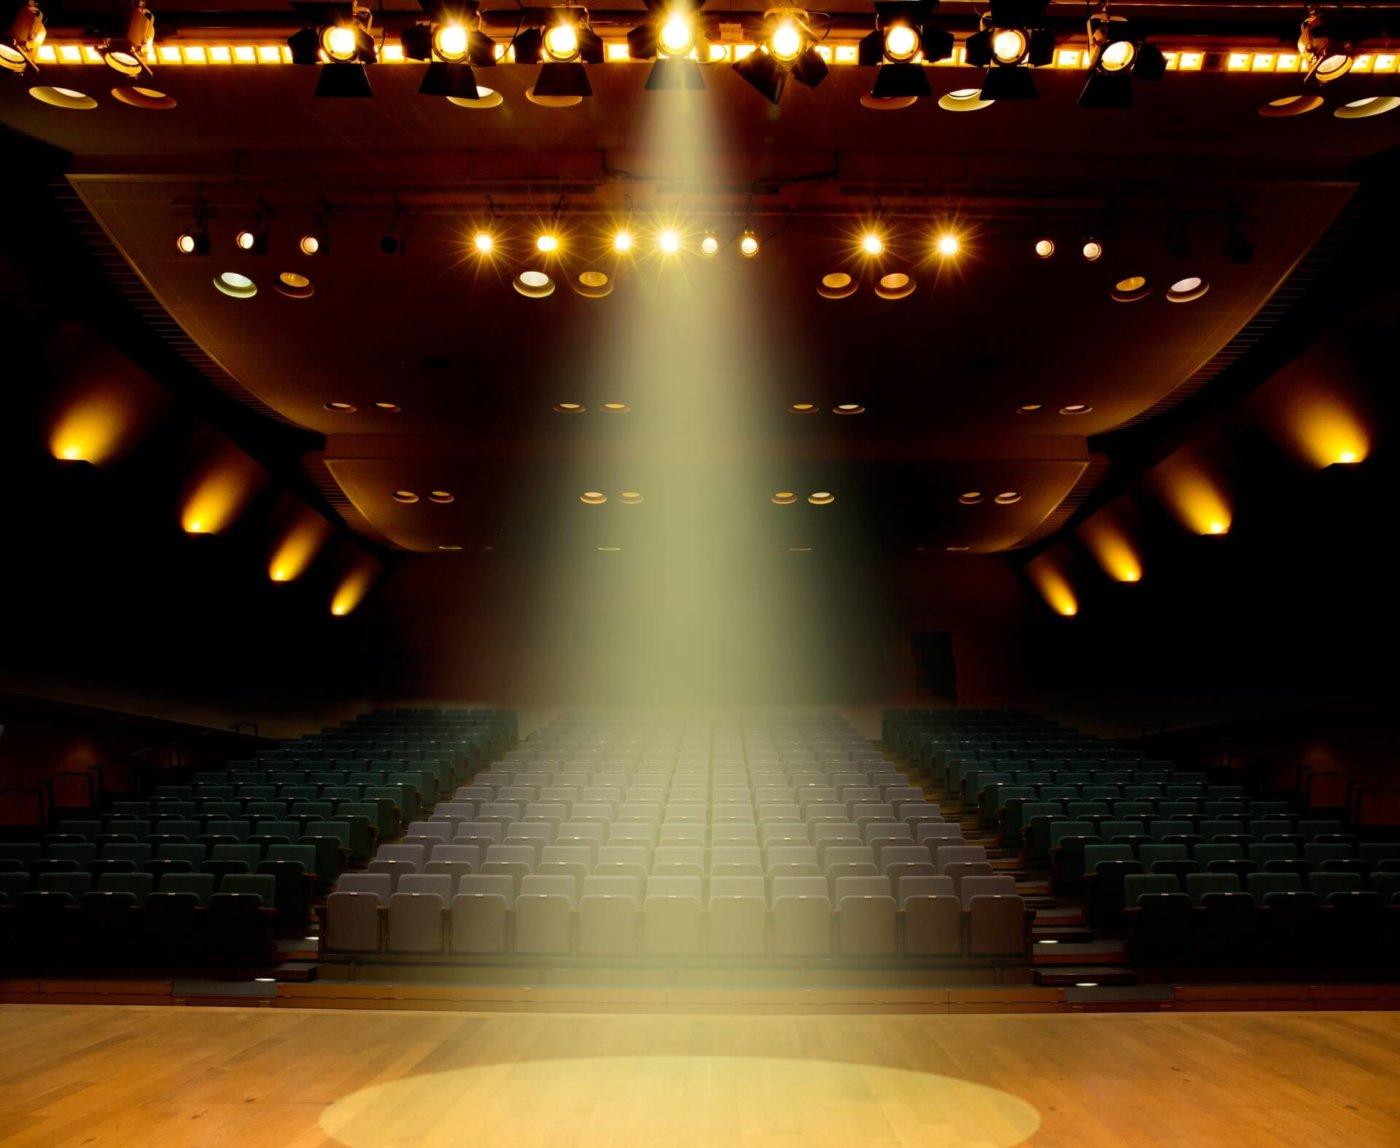 同窓会コンサートが熱い!憧れだった青春時代のスターに再び会いたい